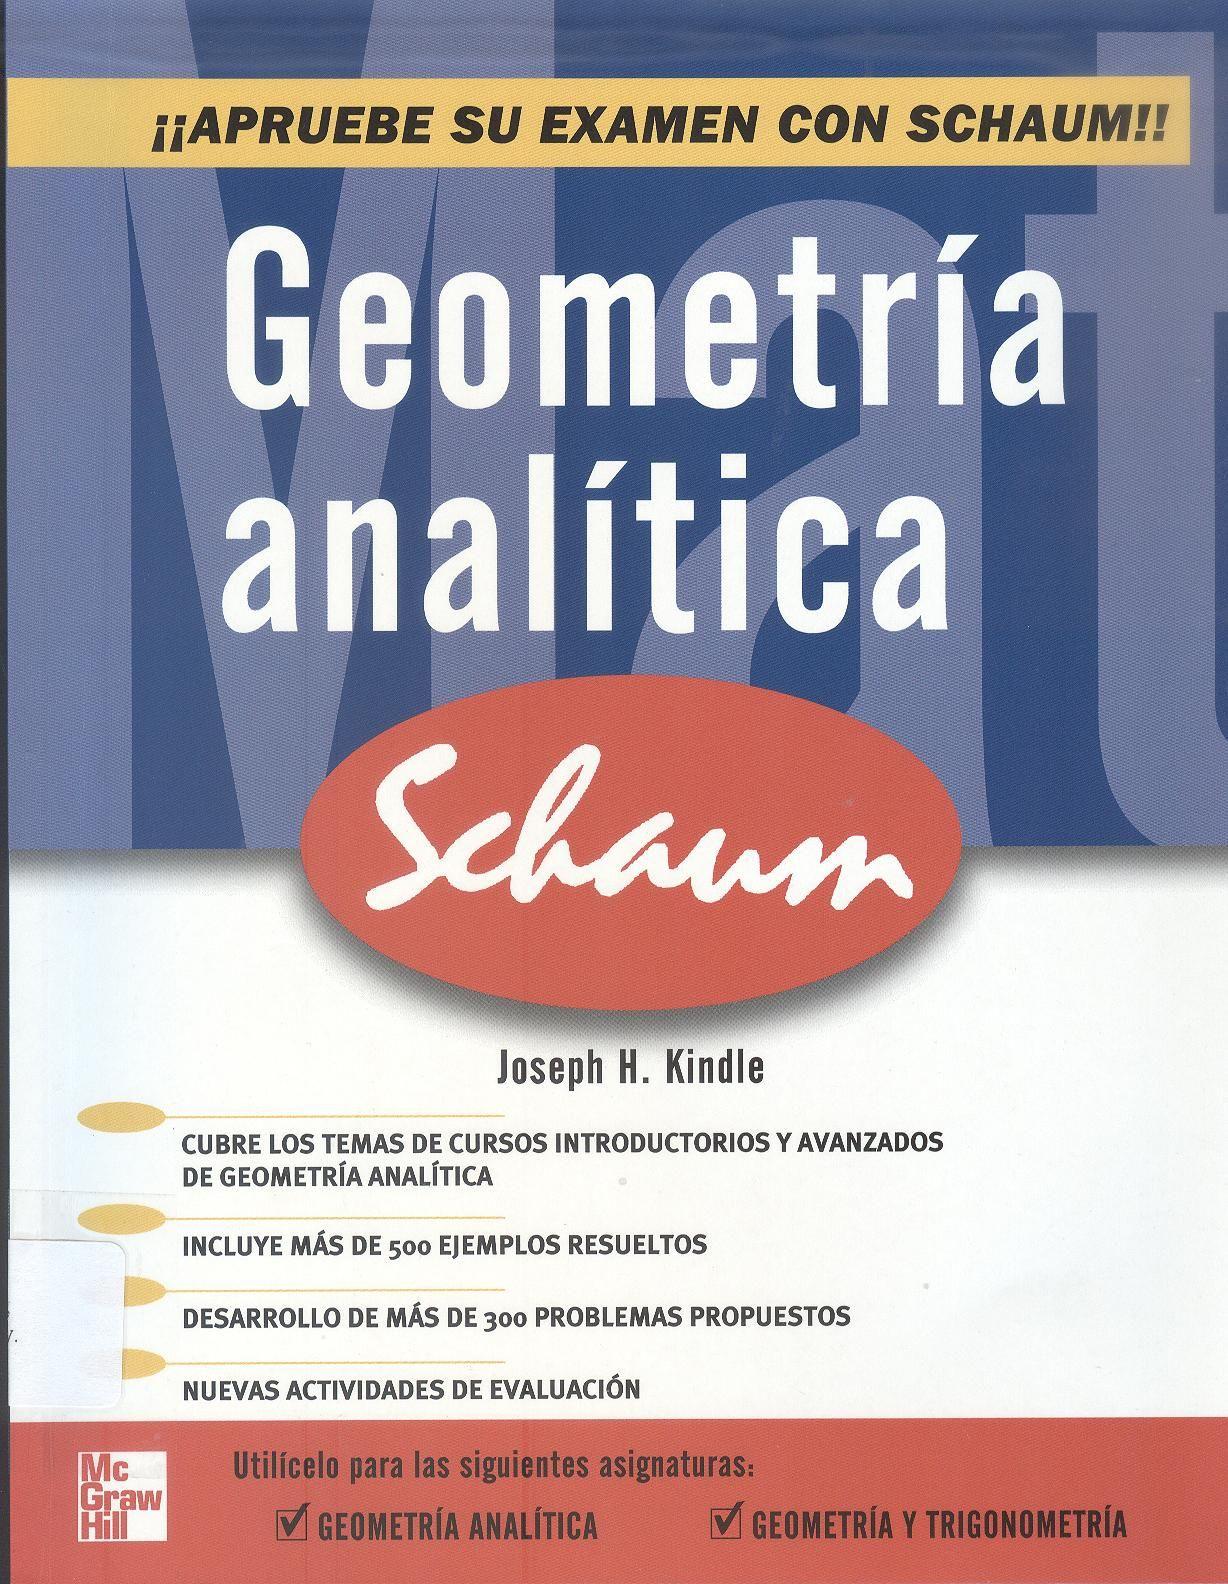 Kindle joseph h geometra analtica plana y del espacio 3 kindle joseph h geometra analtica plana y del espacio 3 ejemplares fandeluxe Image collections